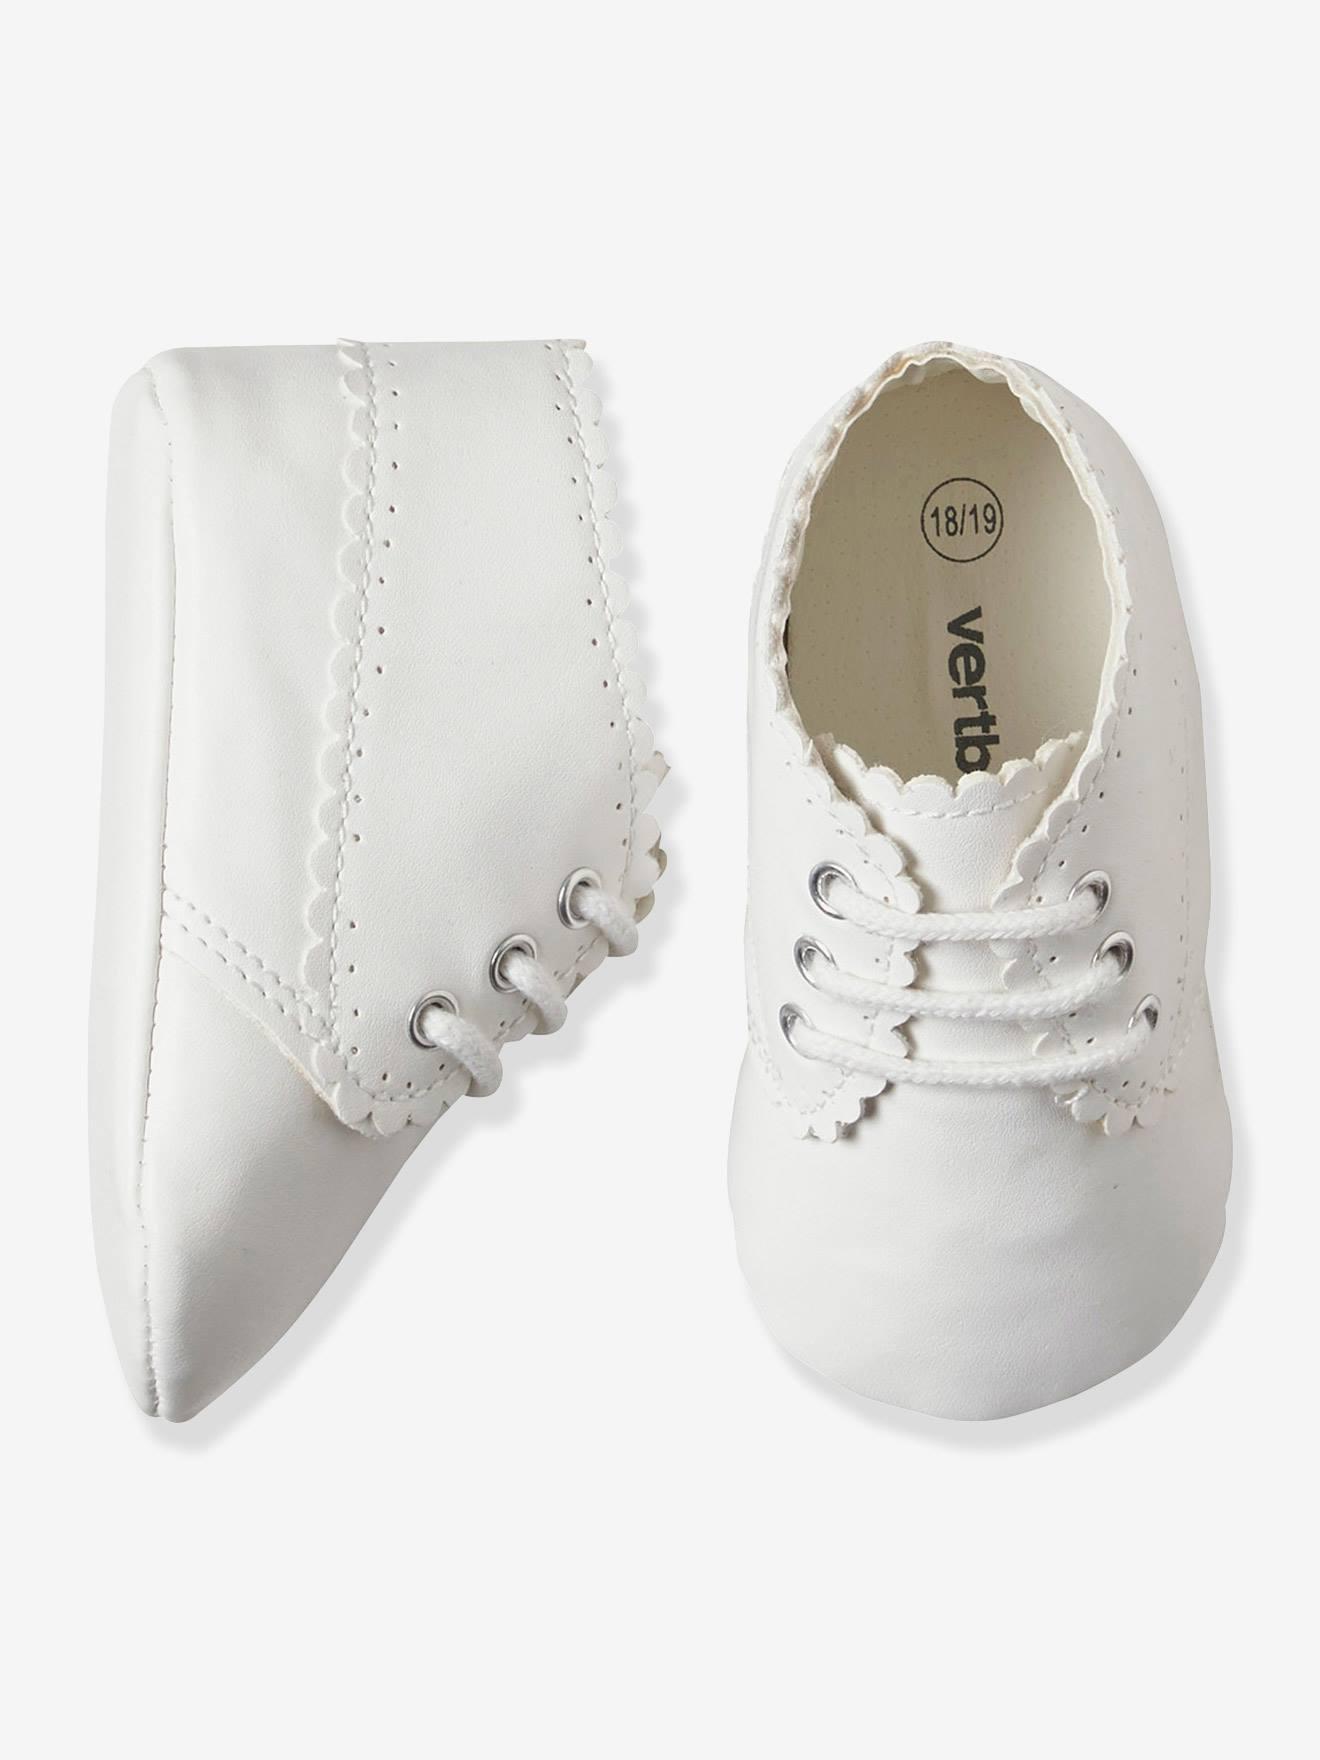 amp; bébé Chaussure bébés vertbaudet Chaussures chausson YZqnS